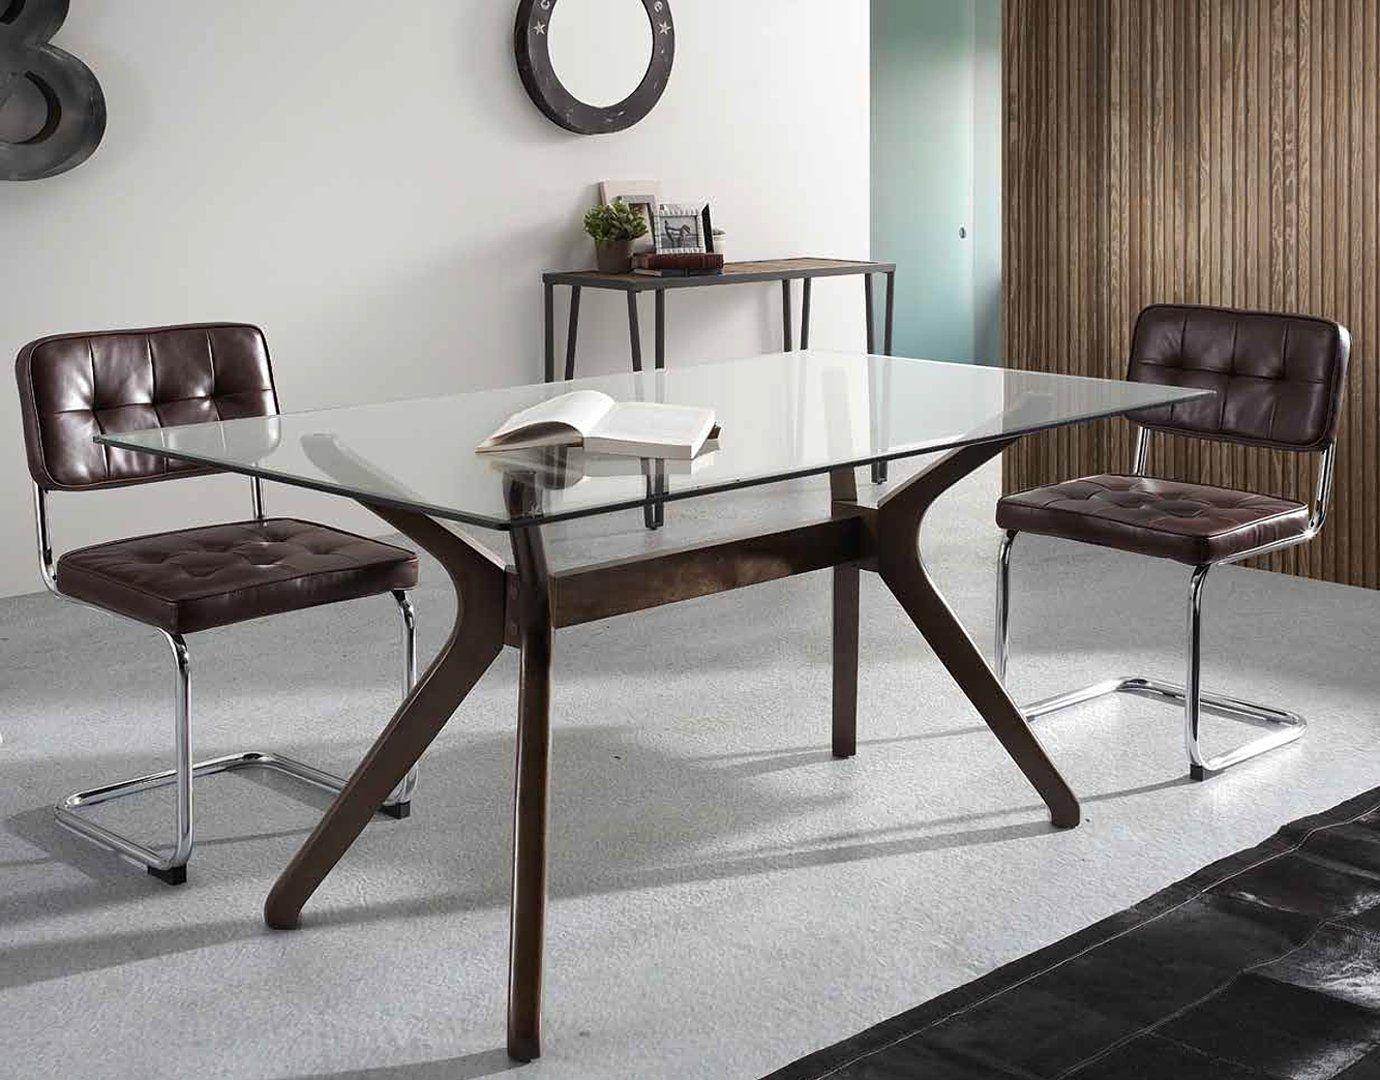 Mesa de comedor cristal olaf vintage muebles decorar for Muebles de cristal